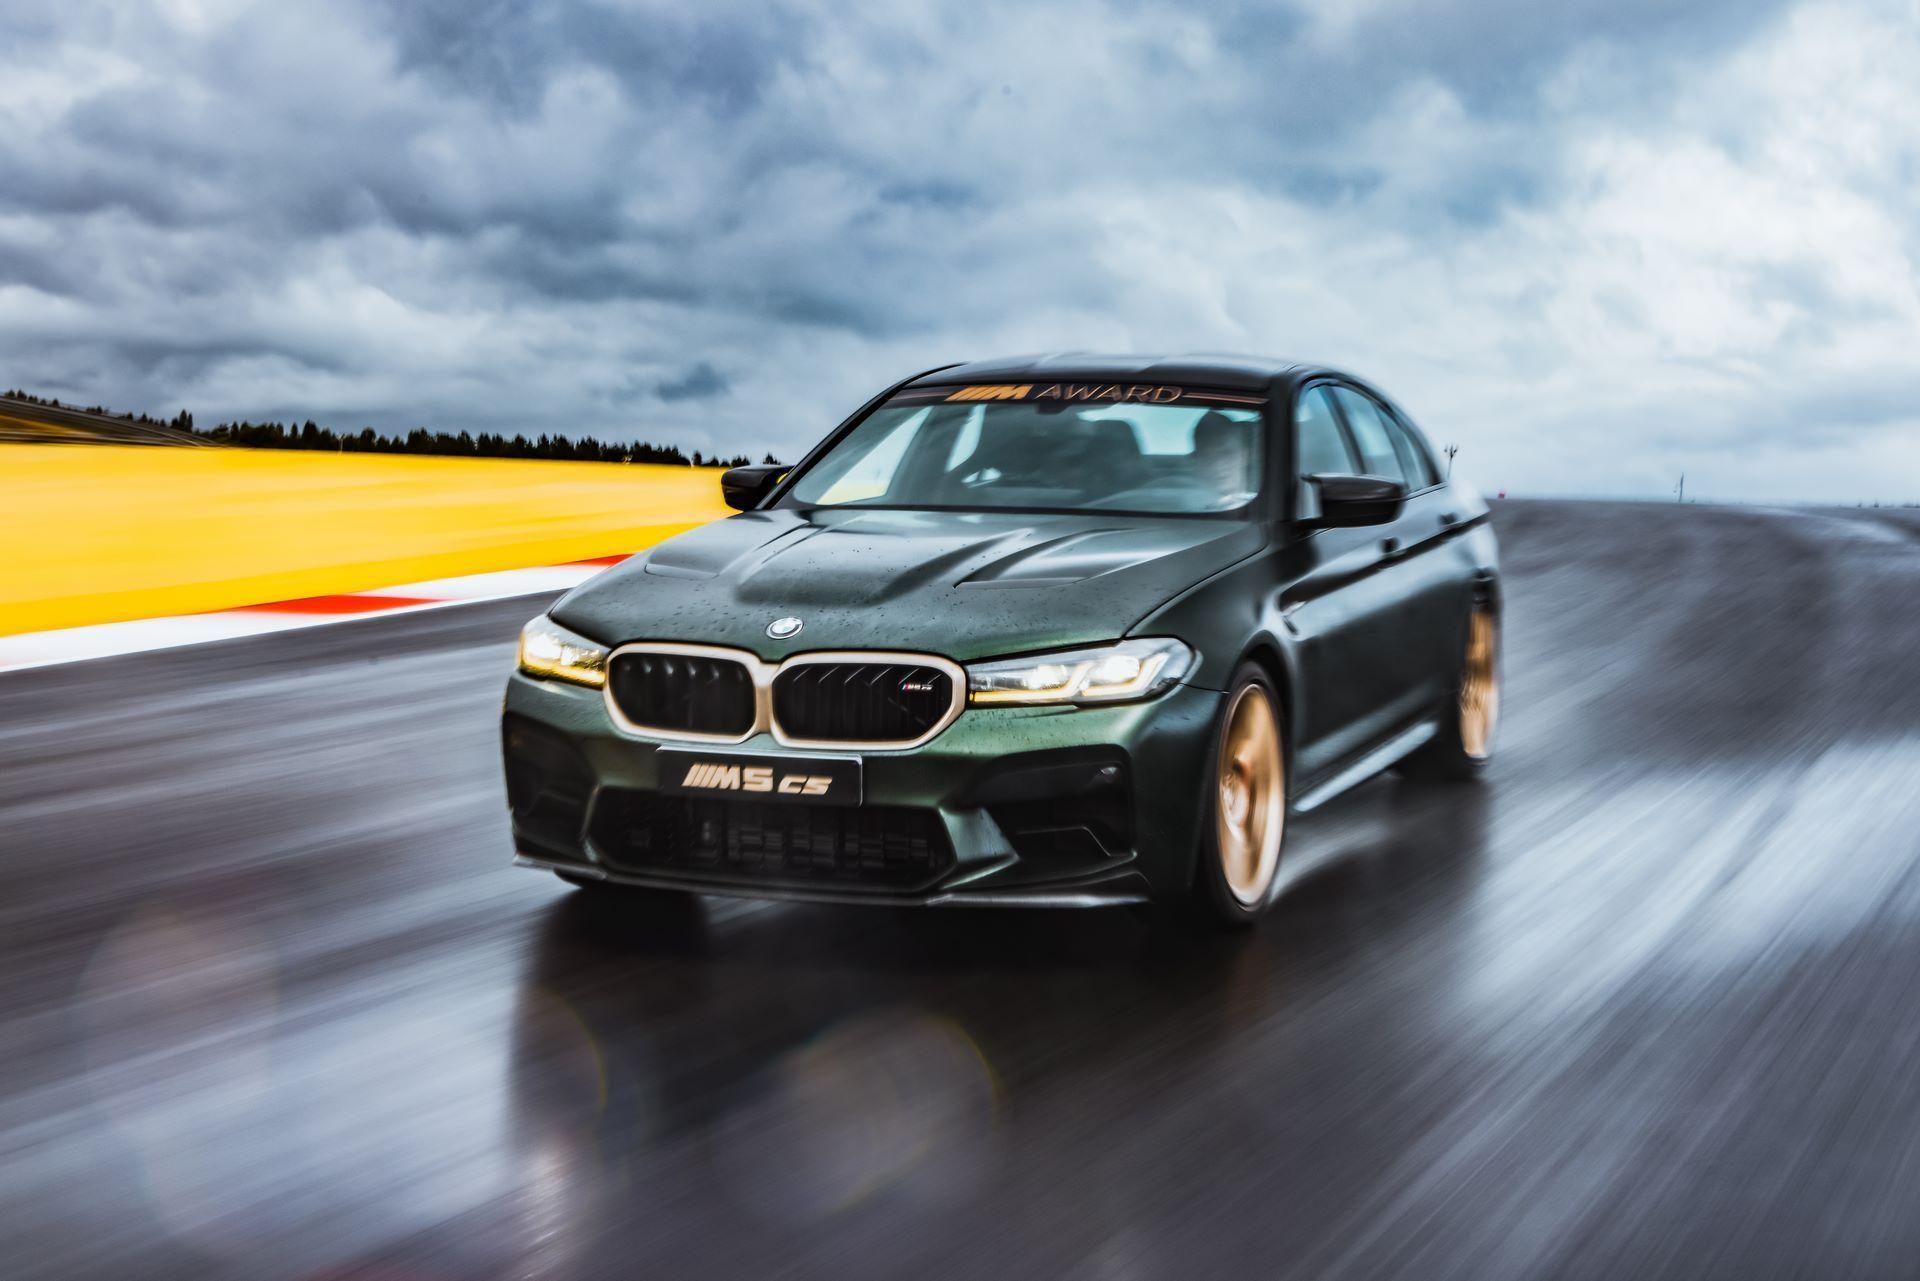 BMW-M5-CS-Moto-GP-1